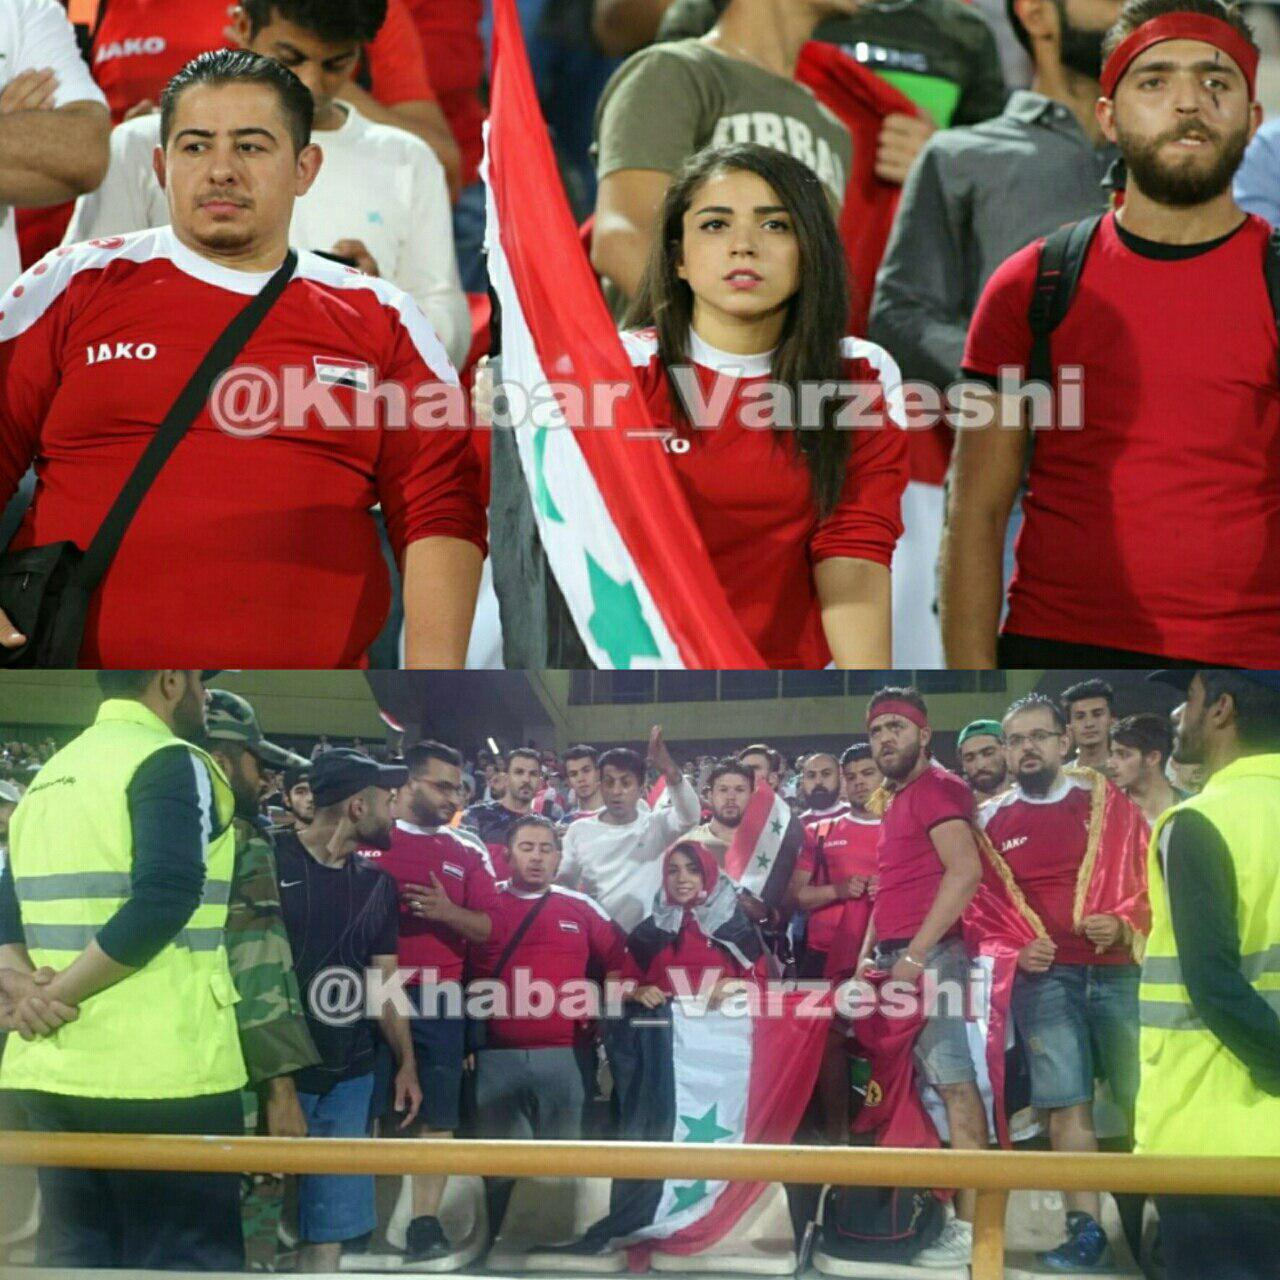 دختر سوری خود را در ورزشگاه با حجاب کرد